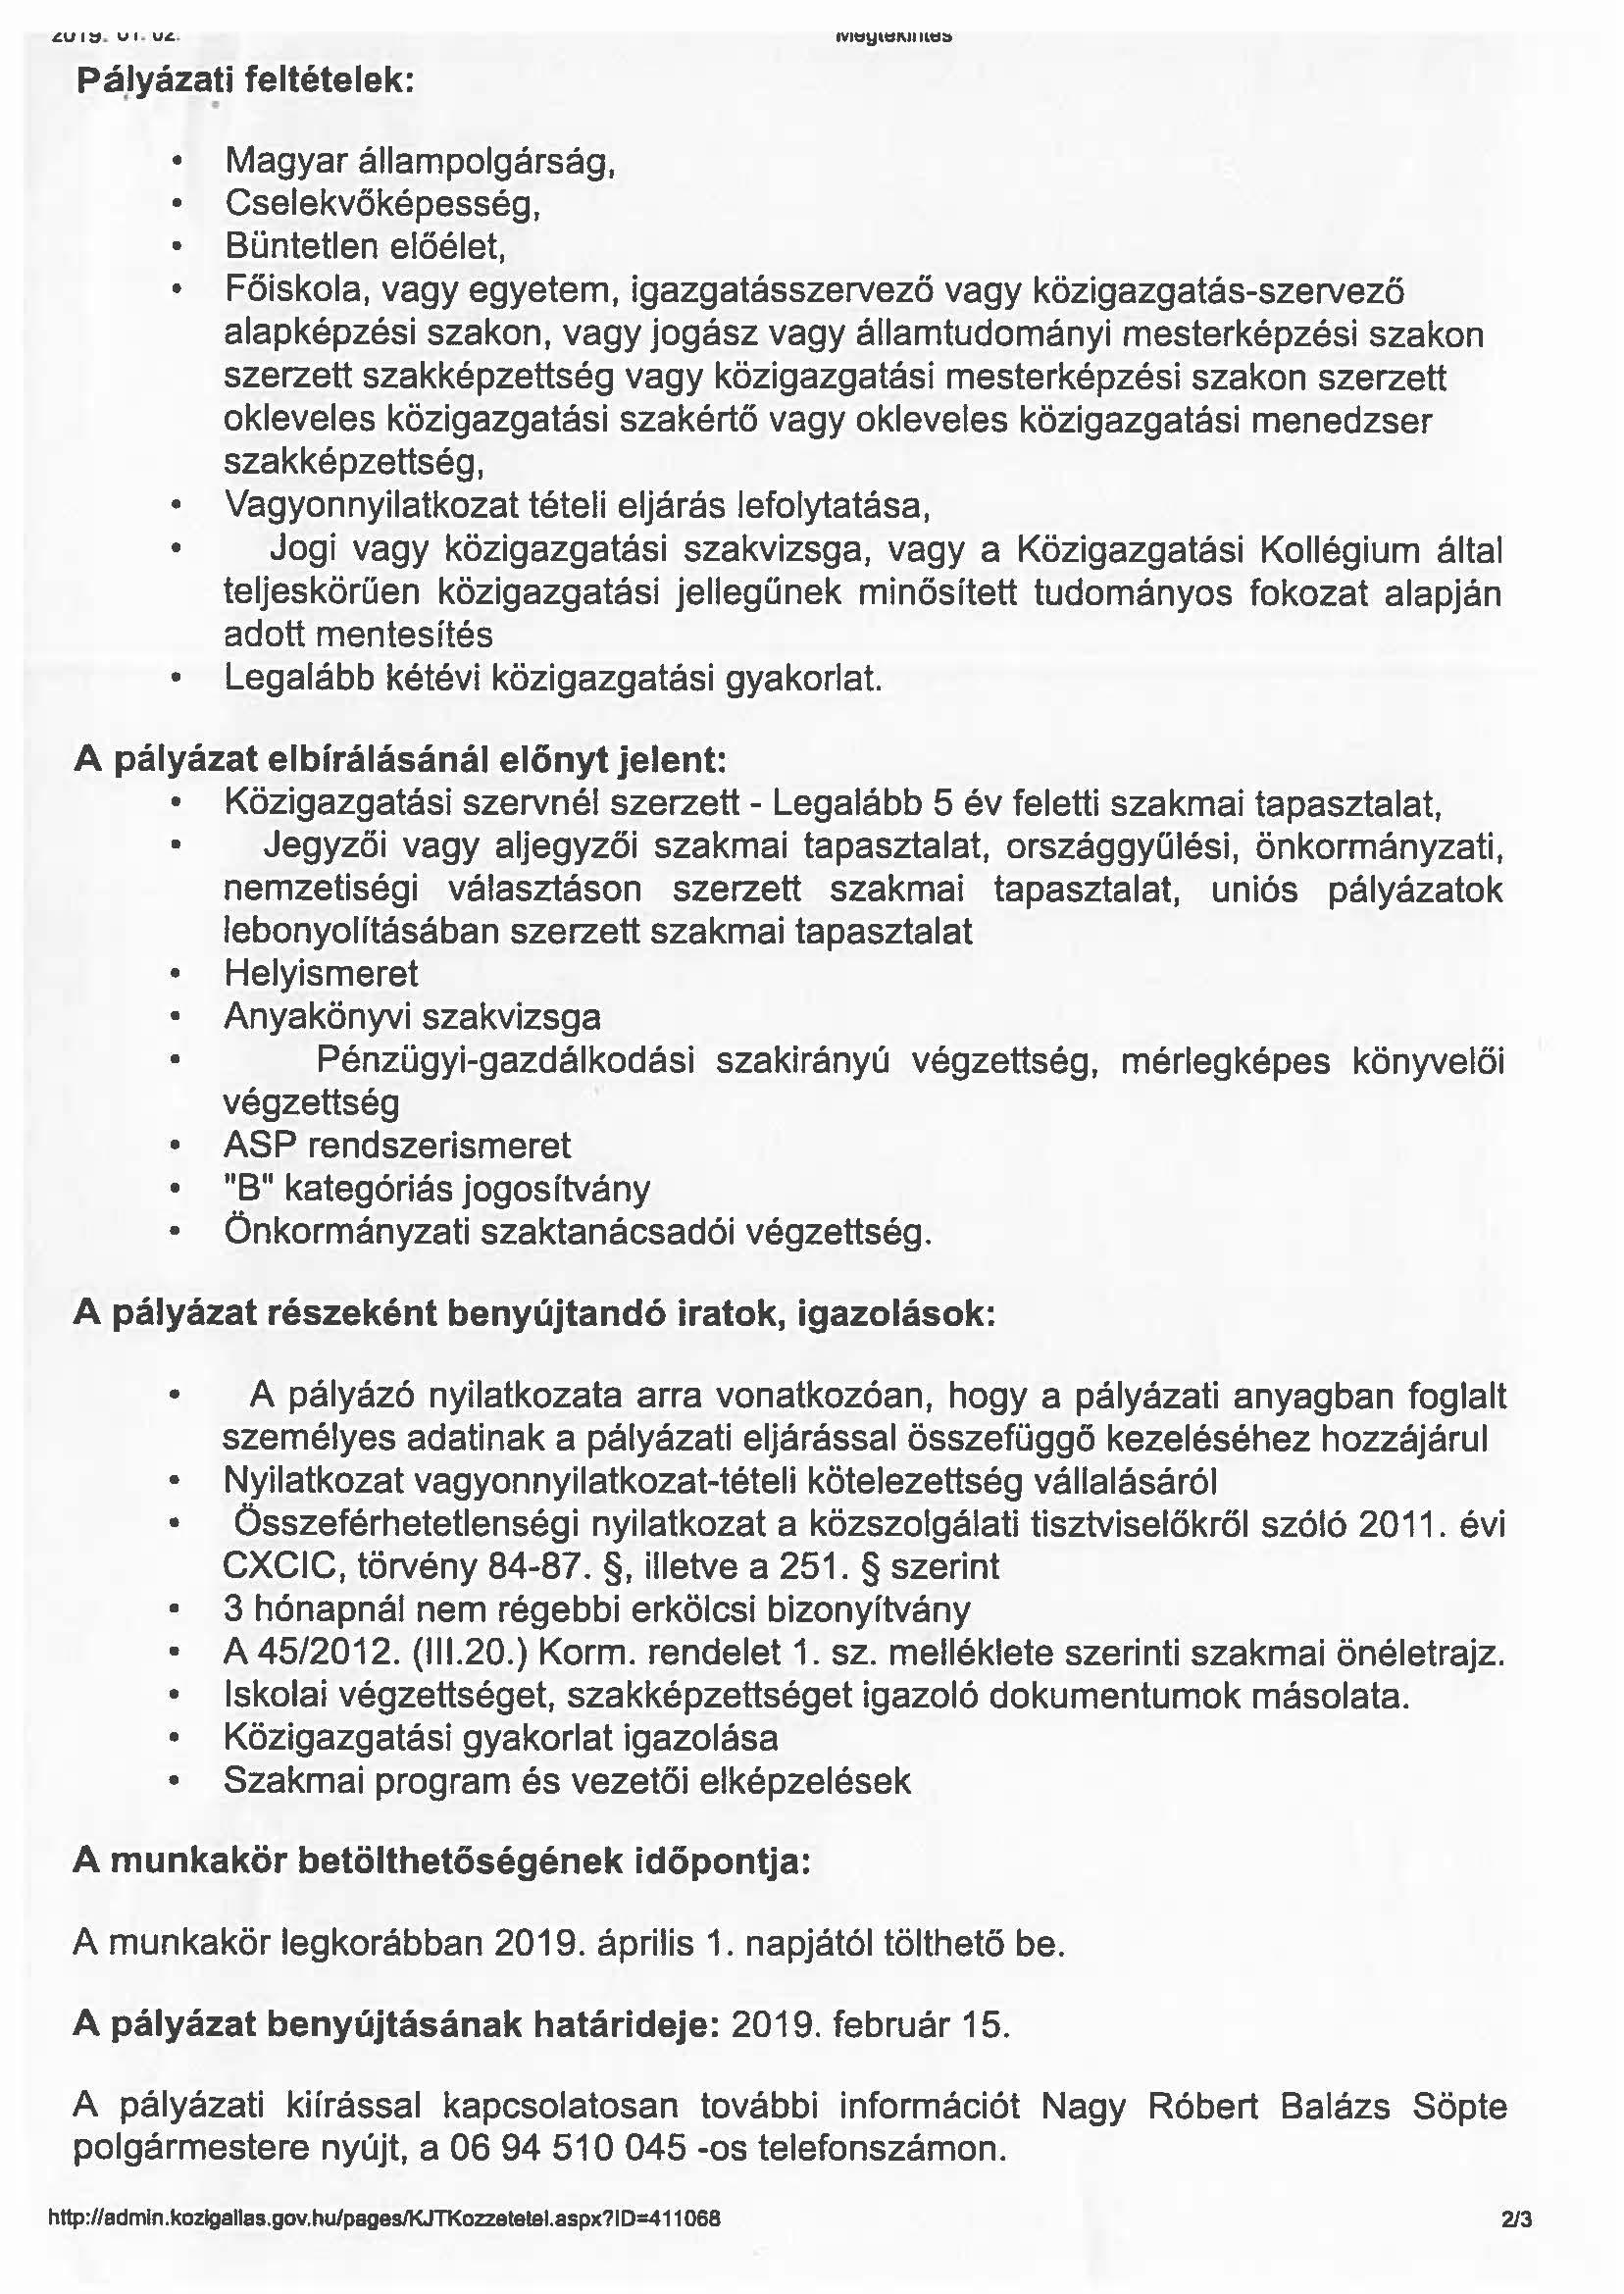 közszolgálati önéletrajz 2019 sopte.hu   Hírek, információk   Jegyzői álláshirdetés közszolgálati önéletrajz 2019